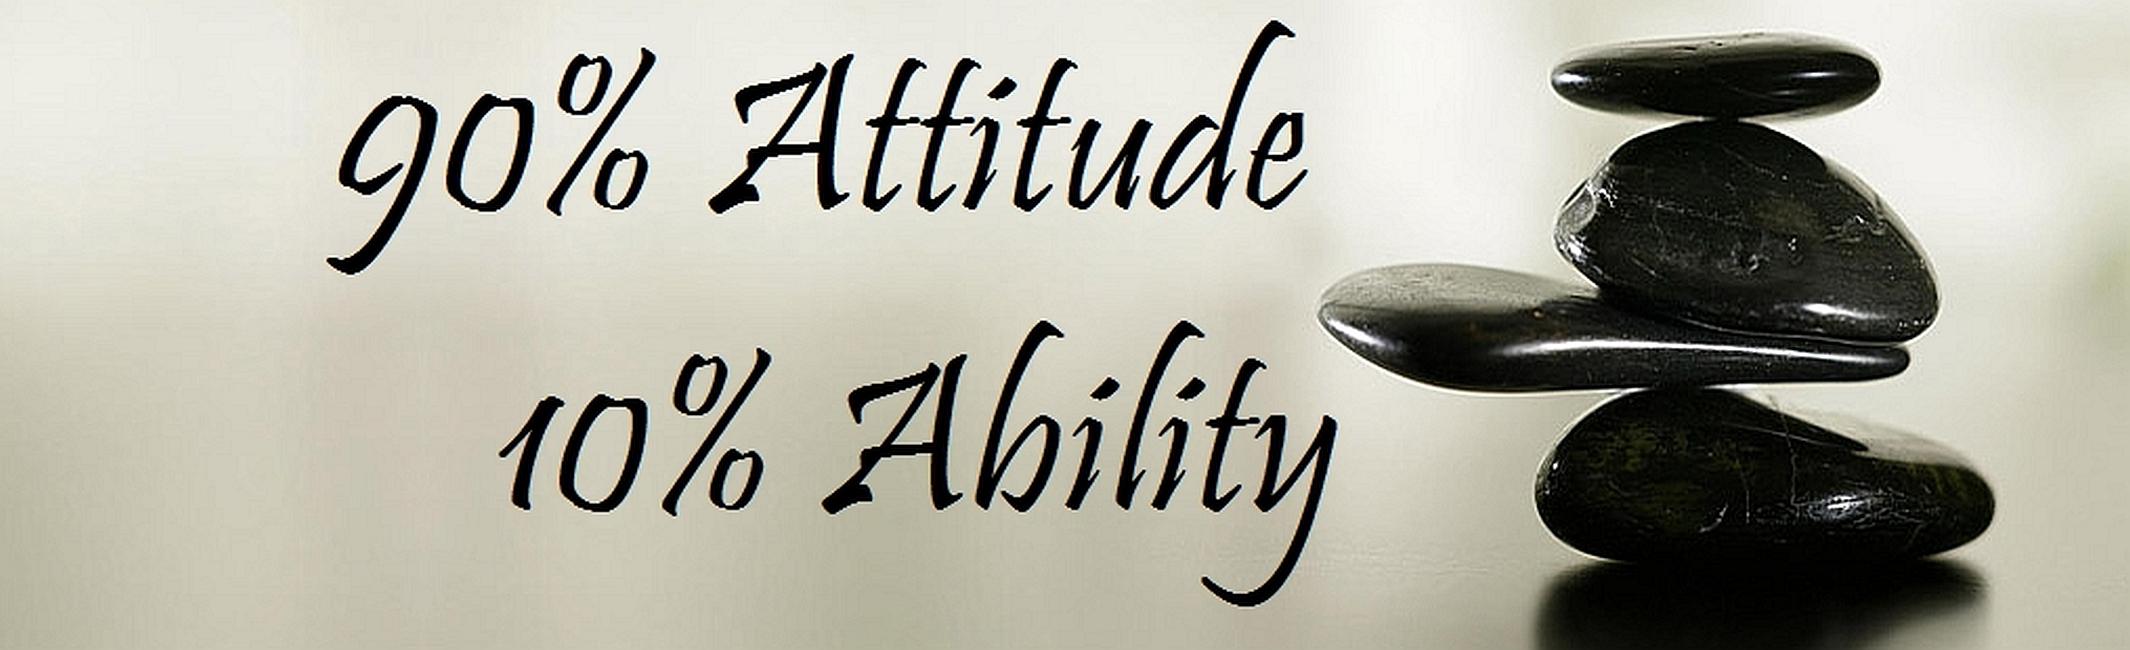 attitude ability3